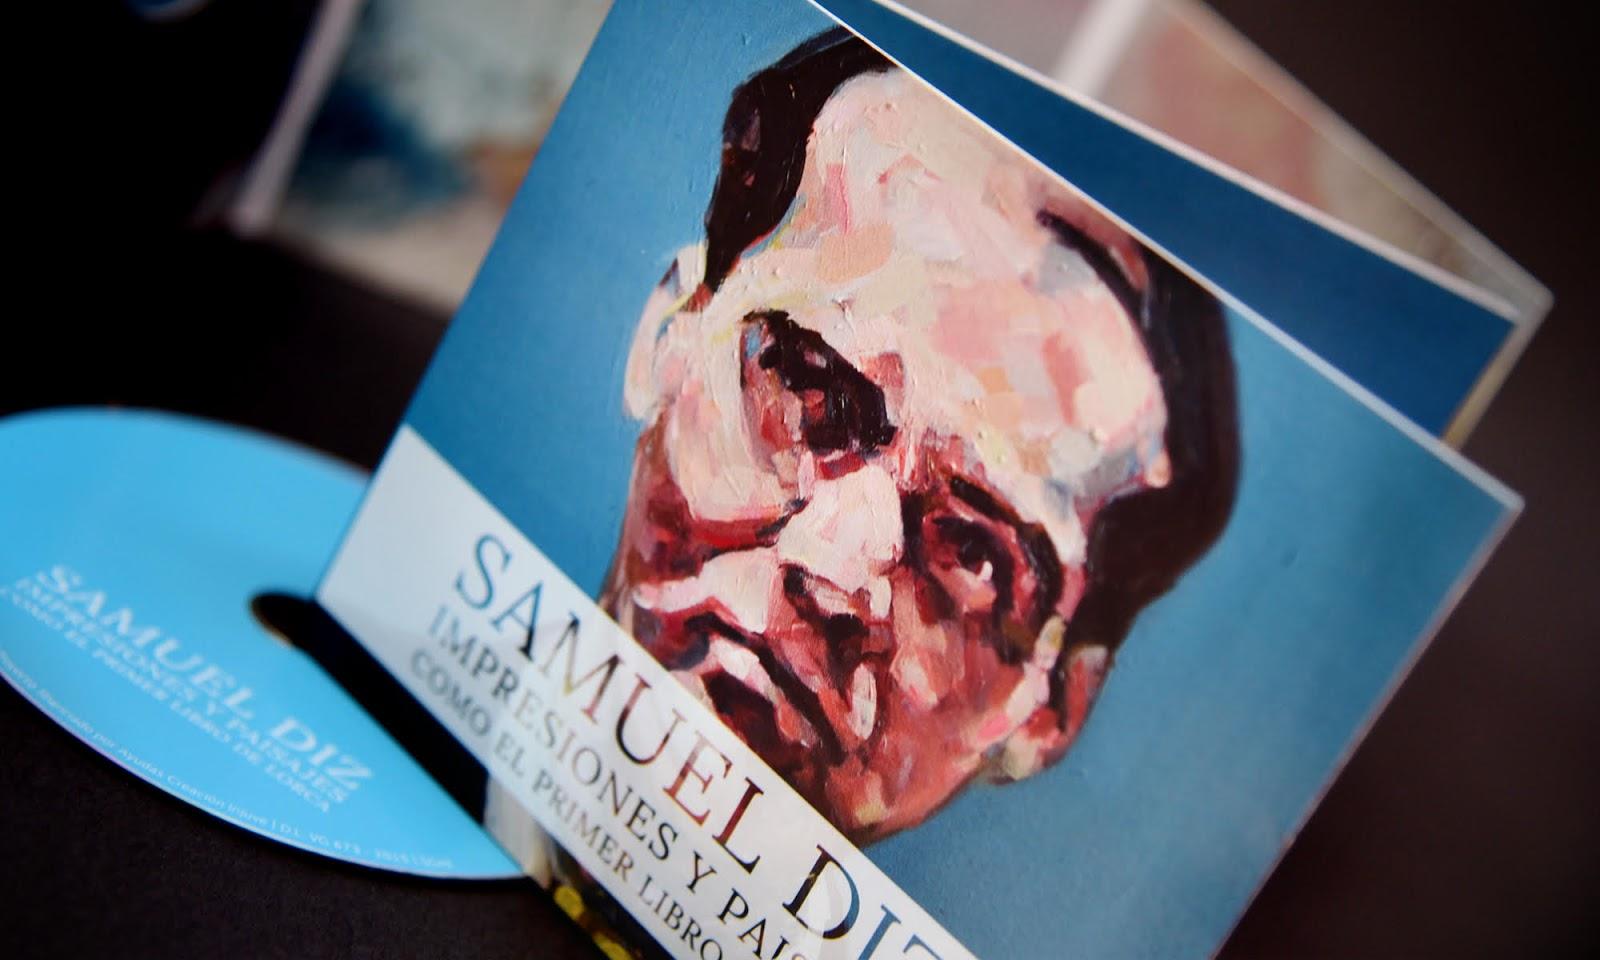 Discografía: Impresiones y paisajes, como el primer libro de Lorca (Poliédrica / INJUVE 2015)